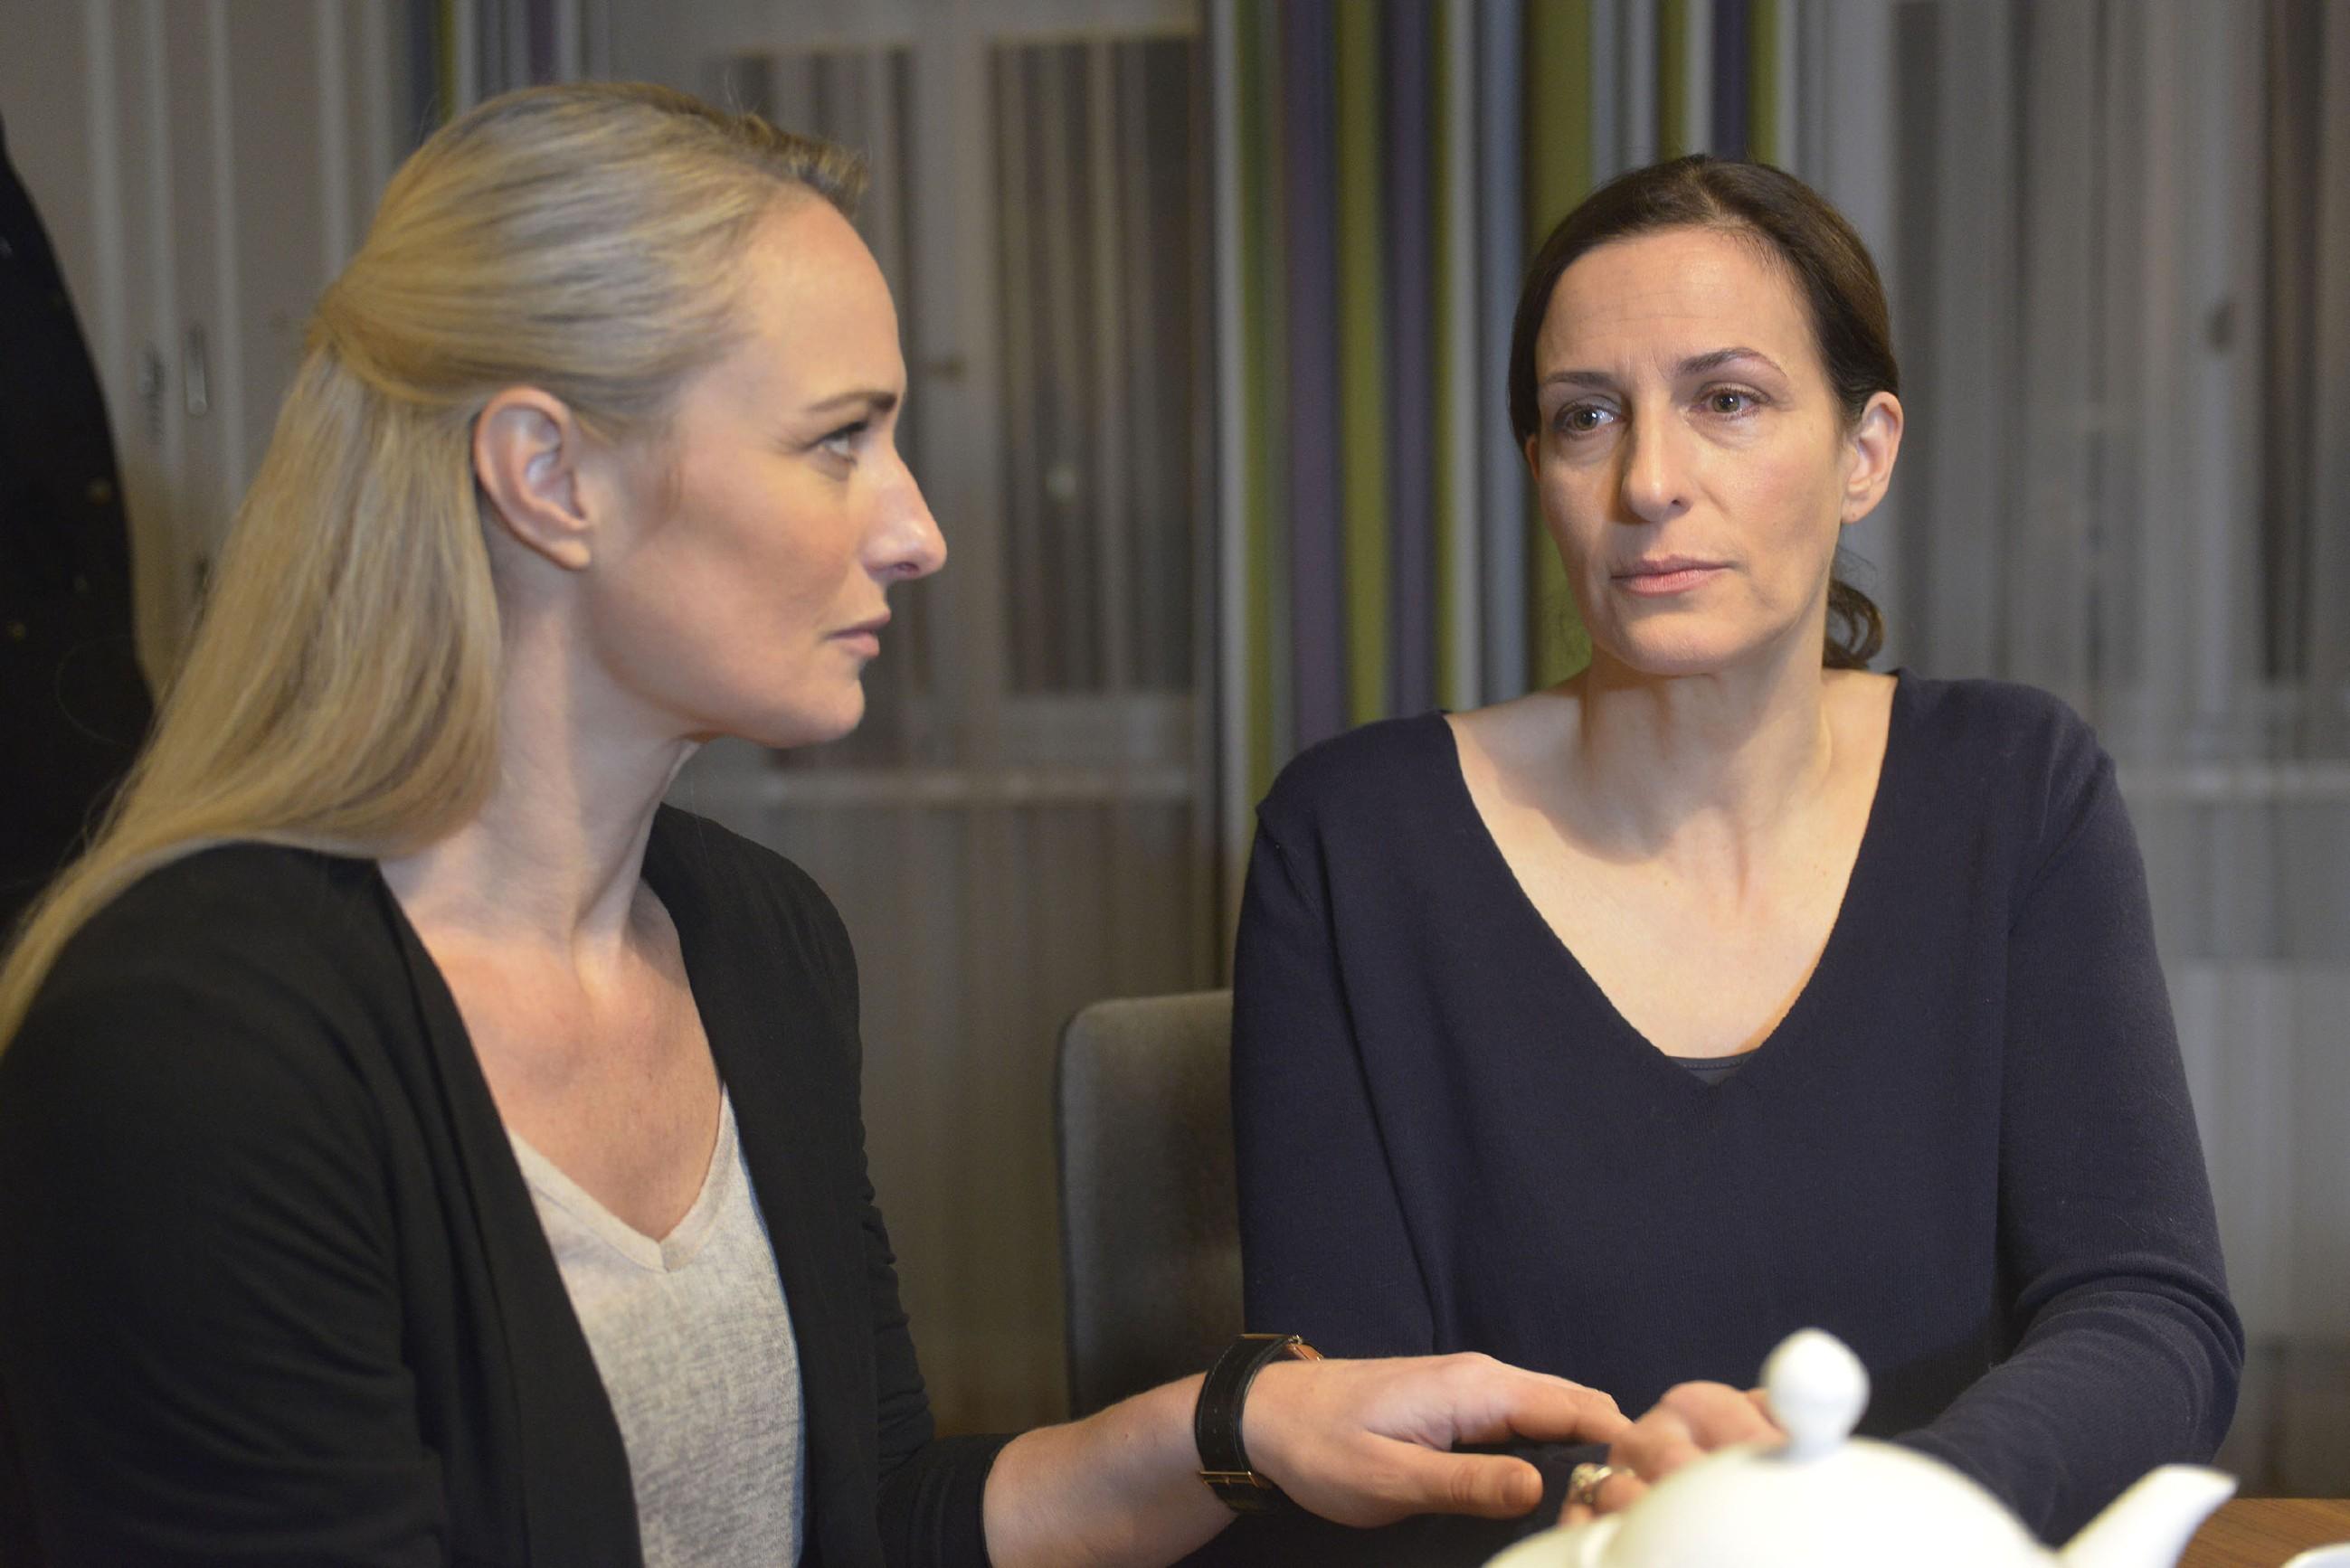 Als Katrin (Ulrike Frank, r.) bei ihrem Versuch, Tills Zimmer zu räumen, von der Trauer übermannt wird, ist Maren (Eva Mona Rodekirchen) sofort da, um sie aufzufangen.